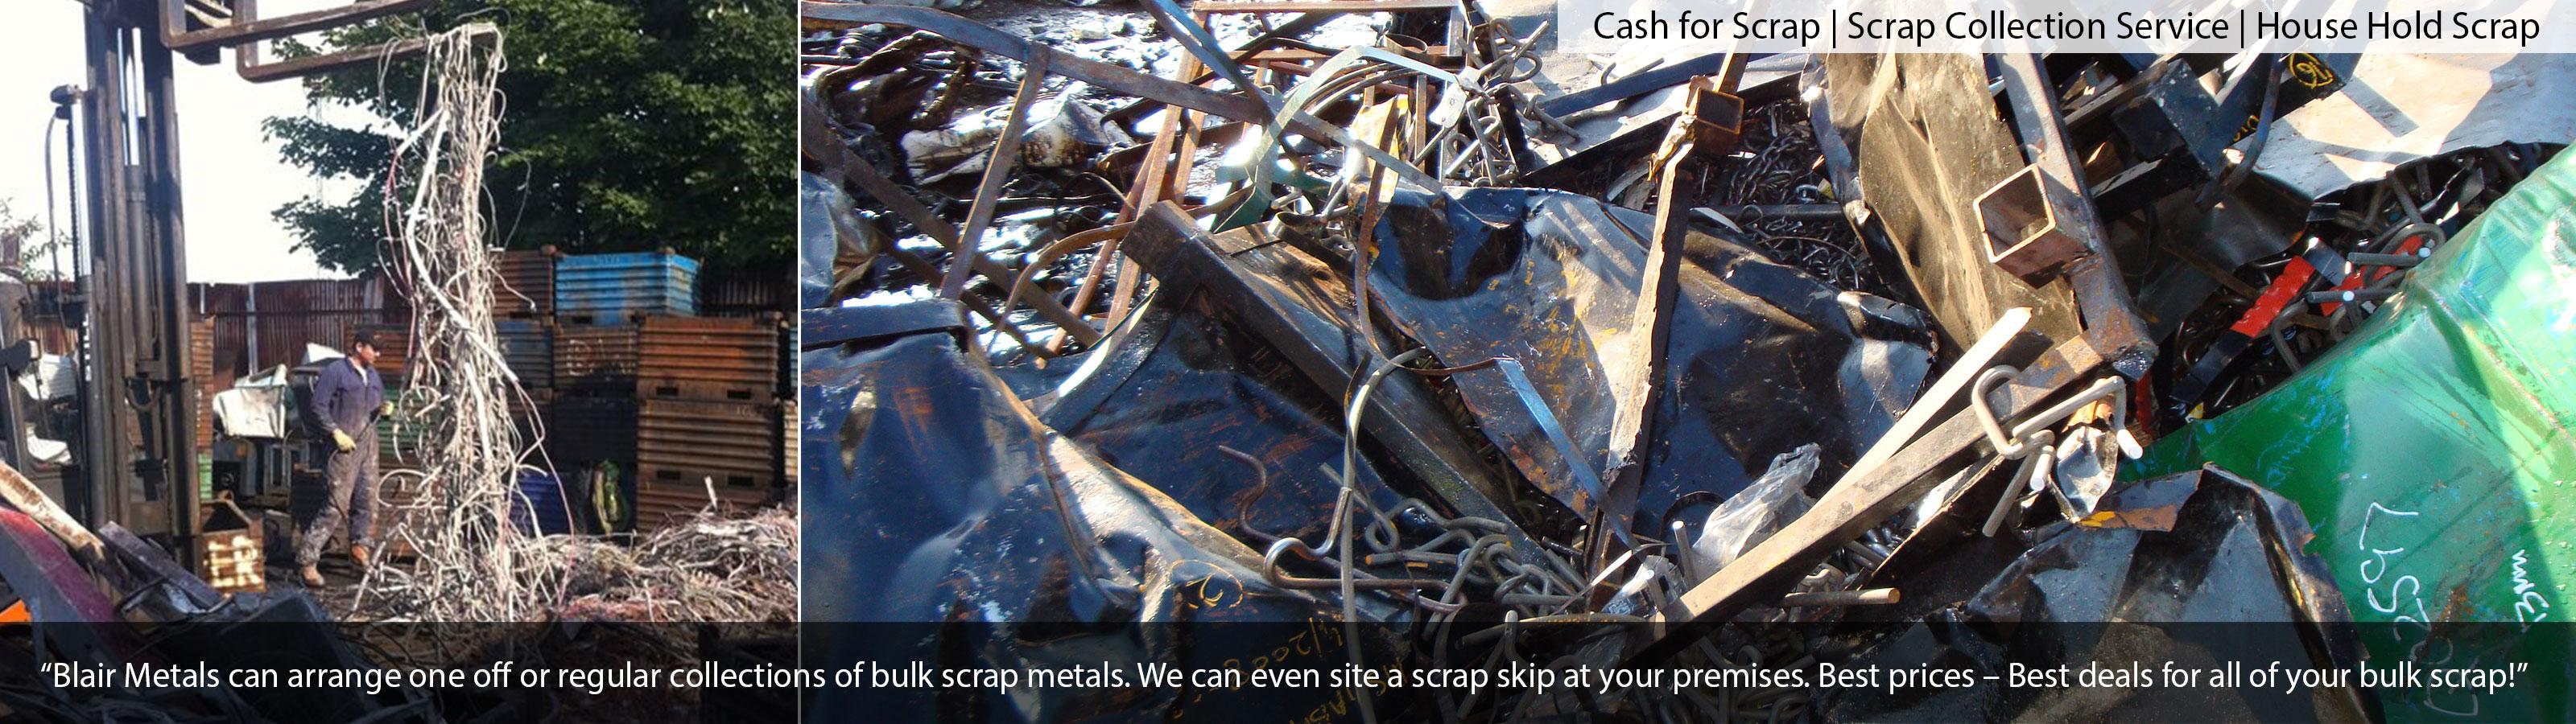 Blair Metals Ltd - Domestic Scrap